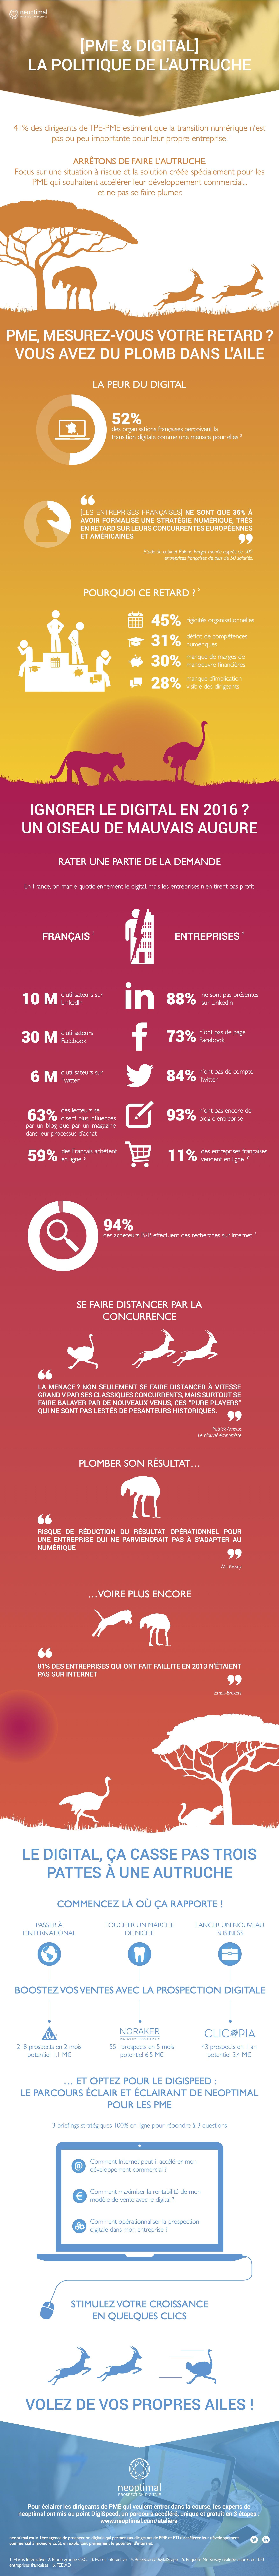 infographie_pme_digital_politique_autruche